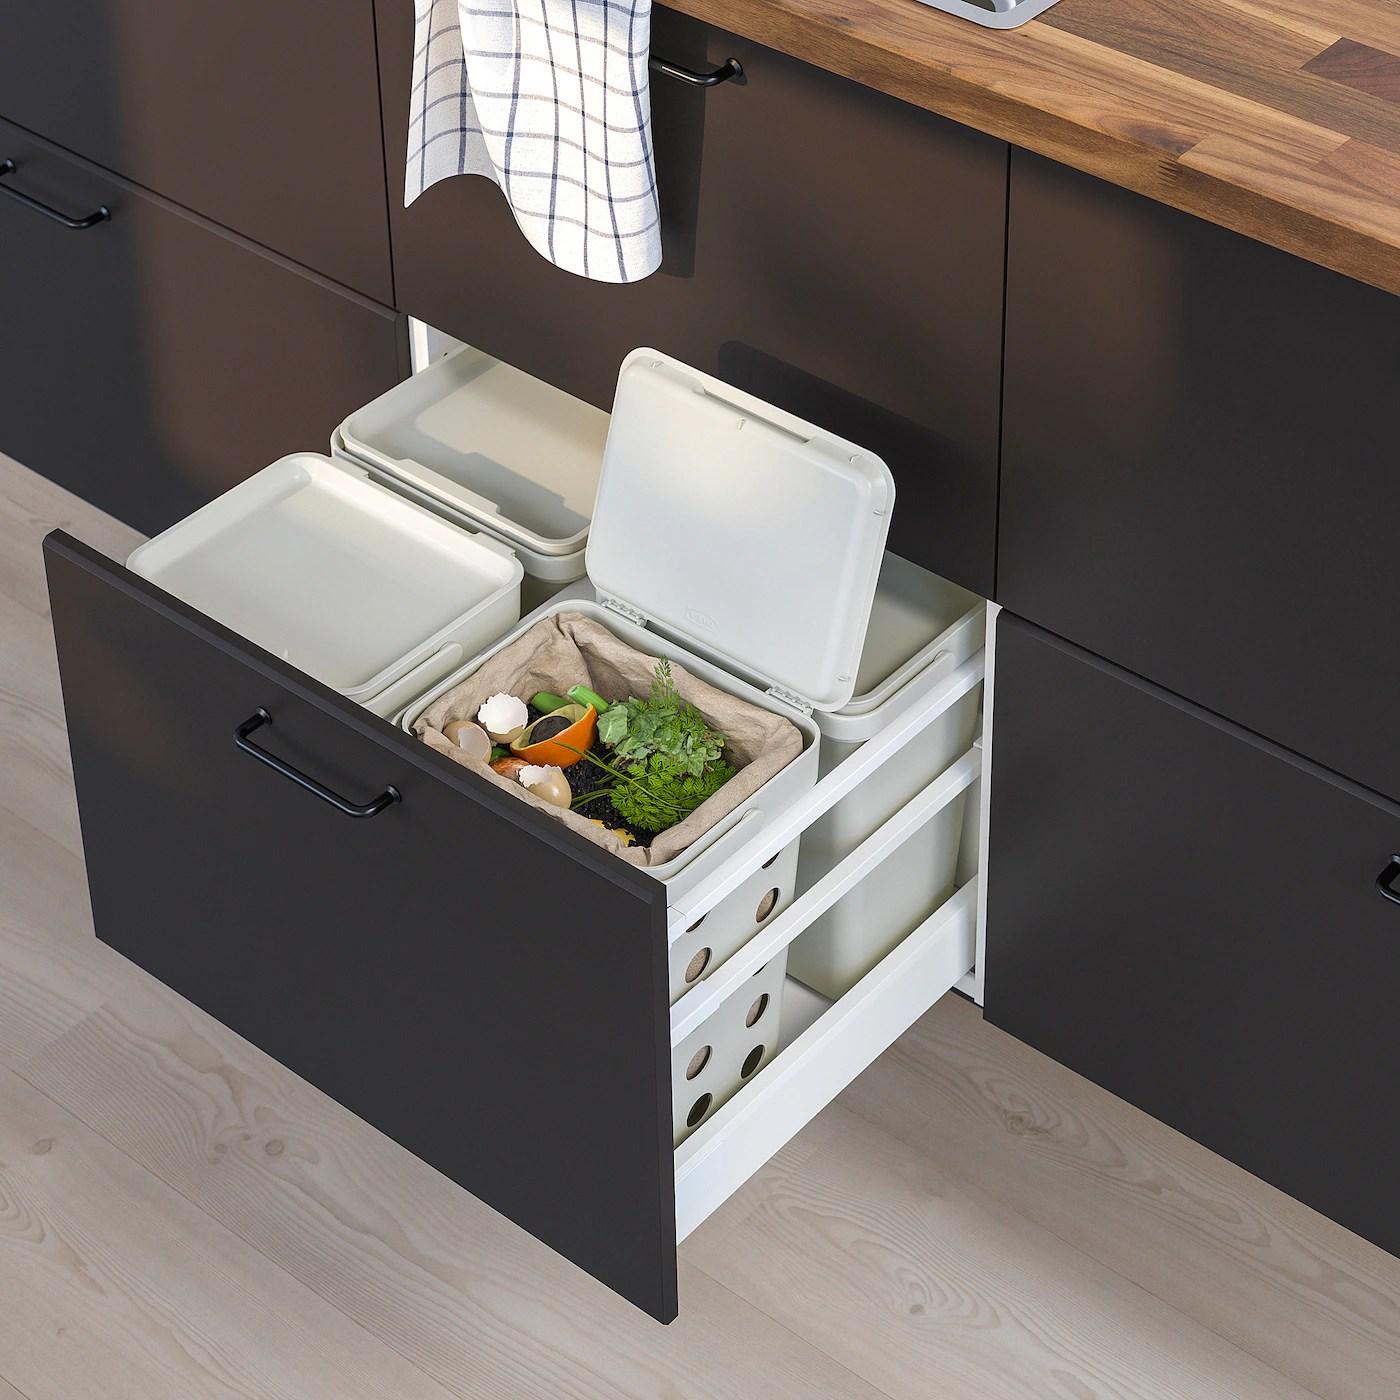 Hallbar Solution Tri Des Dechets Pour Tiroir De Cuisine Metod Ventile Gris Clair Ikea